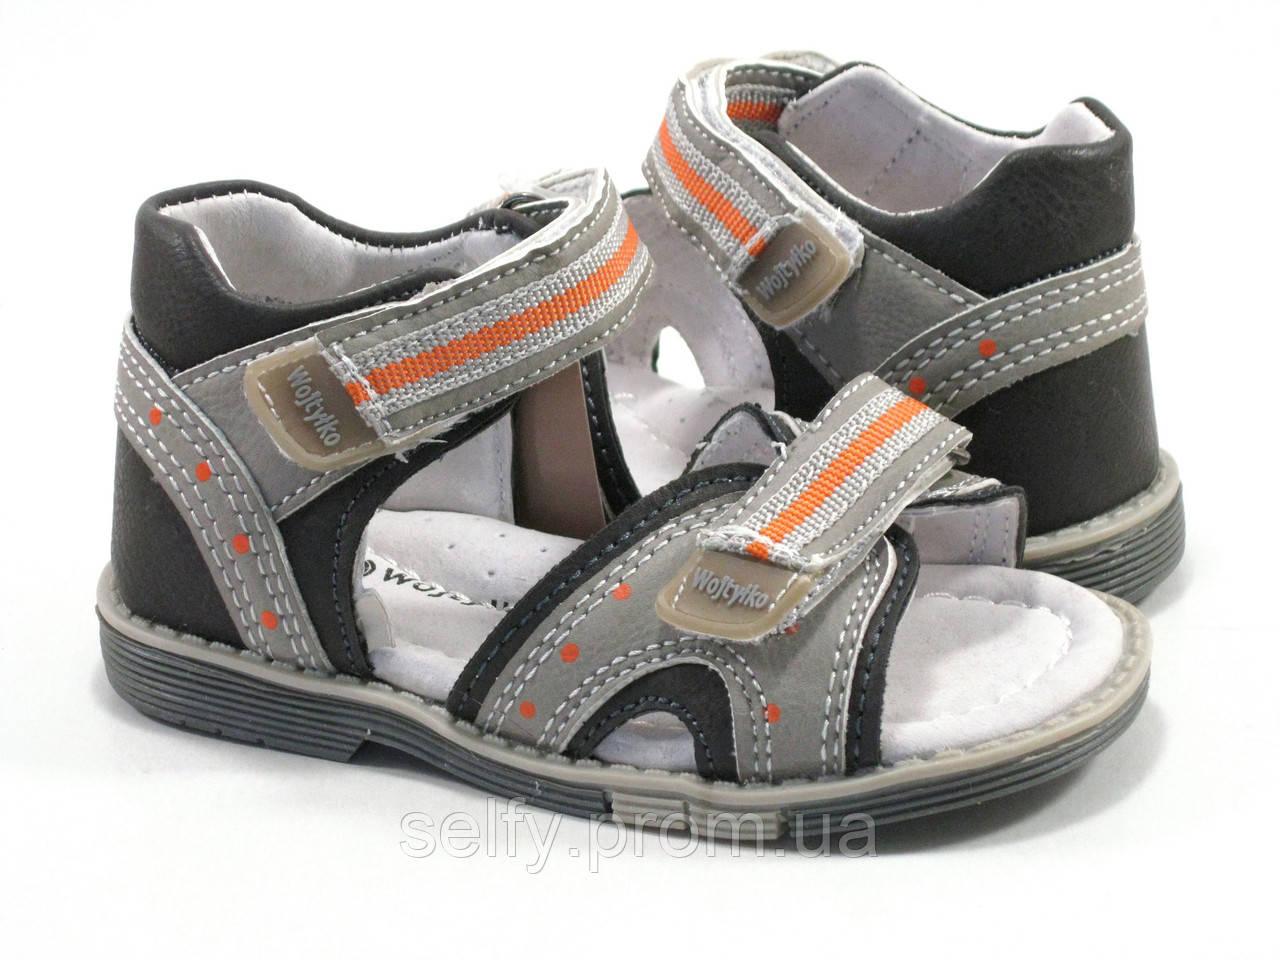 Этом заказать обувь через интернет недорого в казахстане граффити-художник употребляет